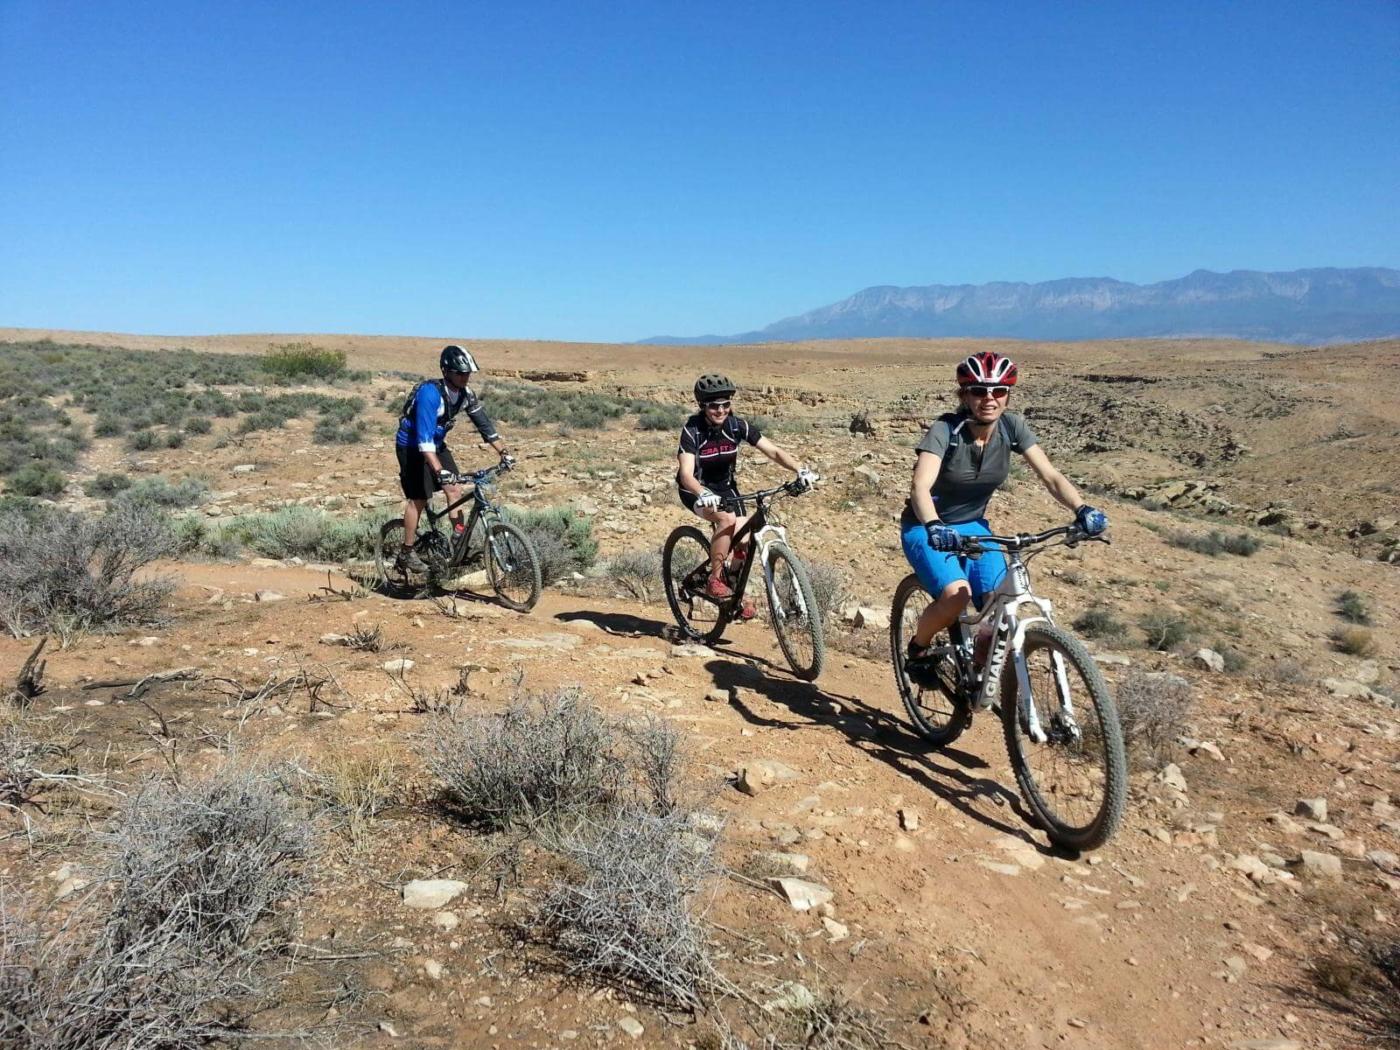 Three people mountain biking in a line across rocky desert terrain